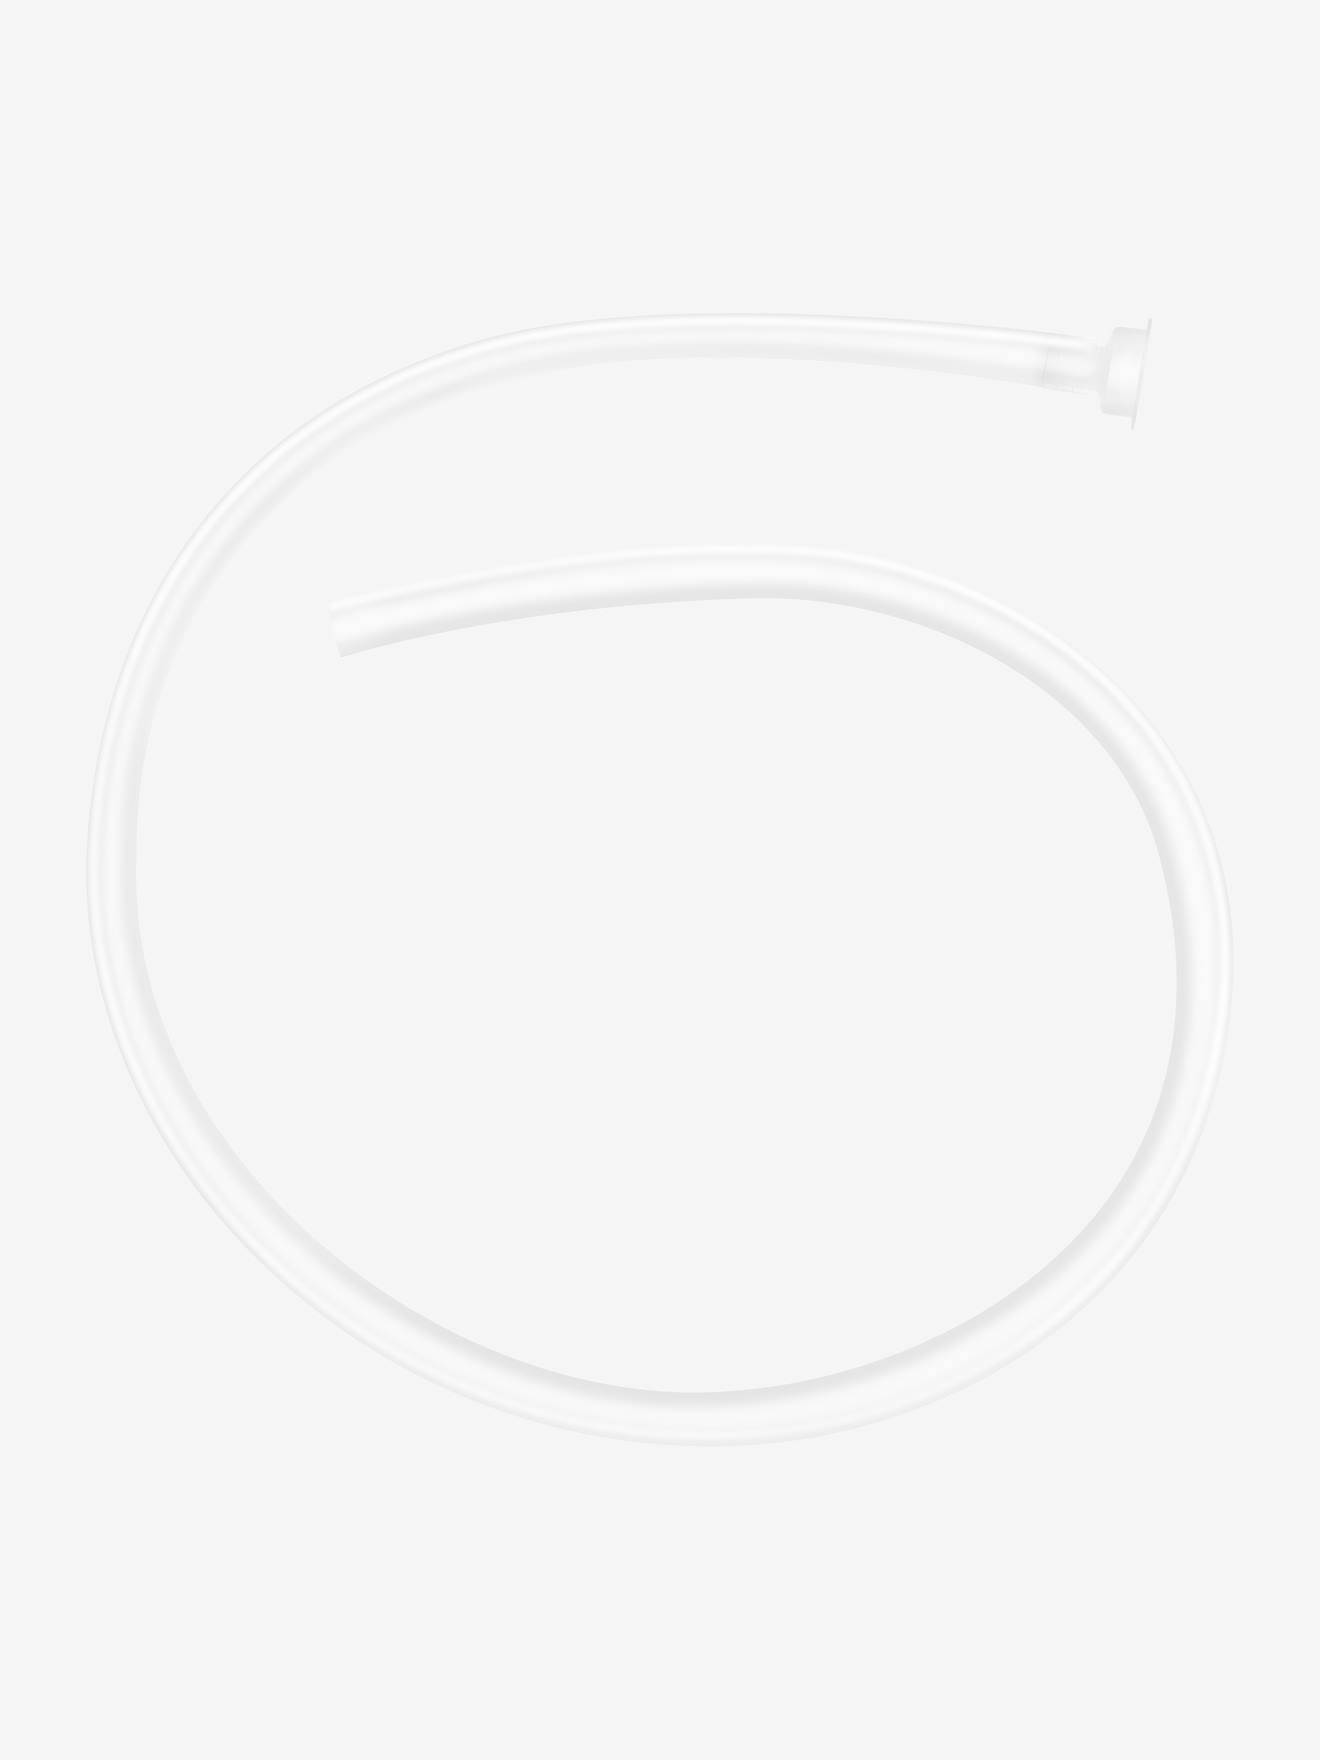 badabulle tuyau de vidange pour baignoire bébé évolutive badabulle ergo-ludique transparent